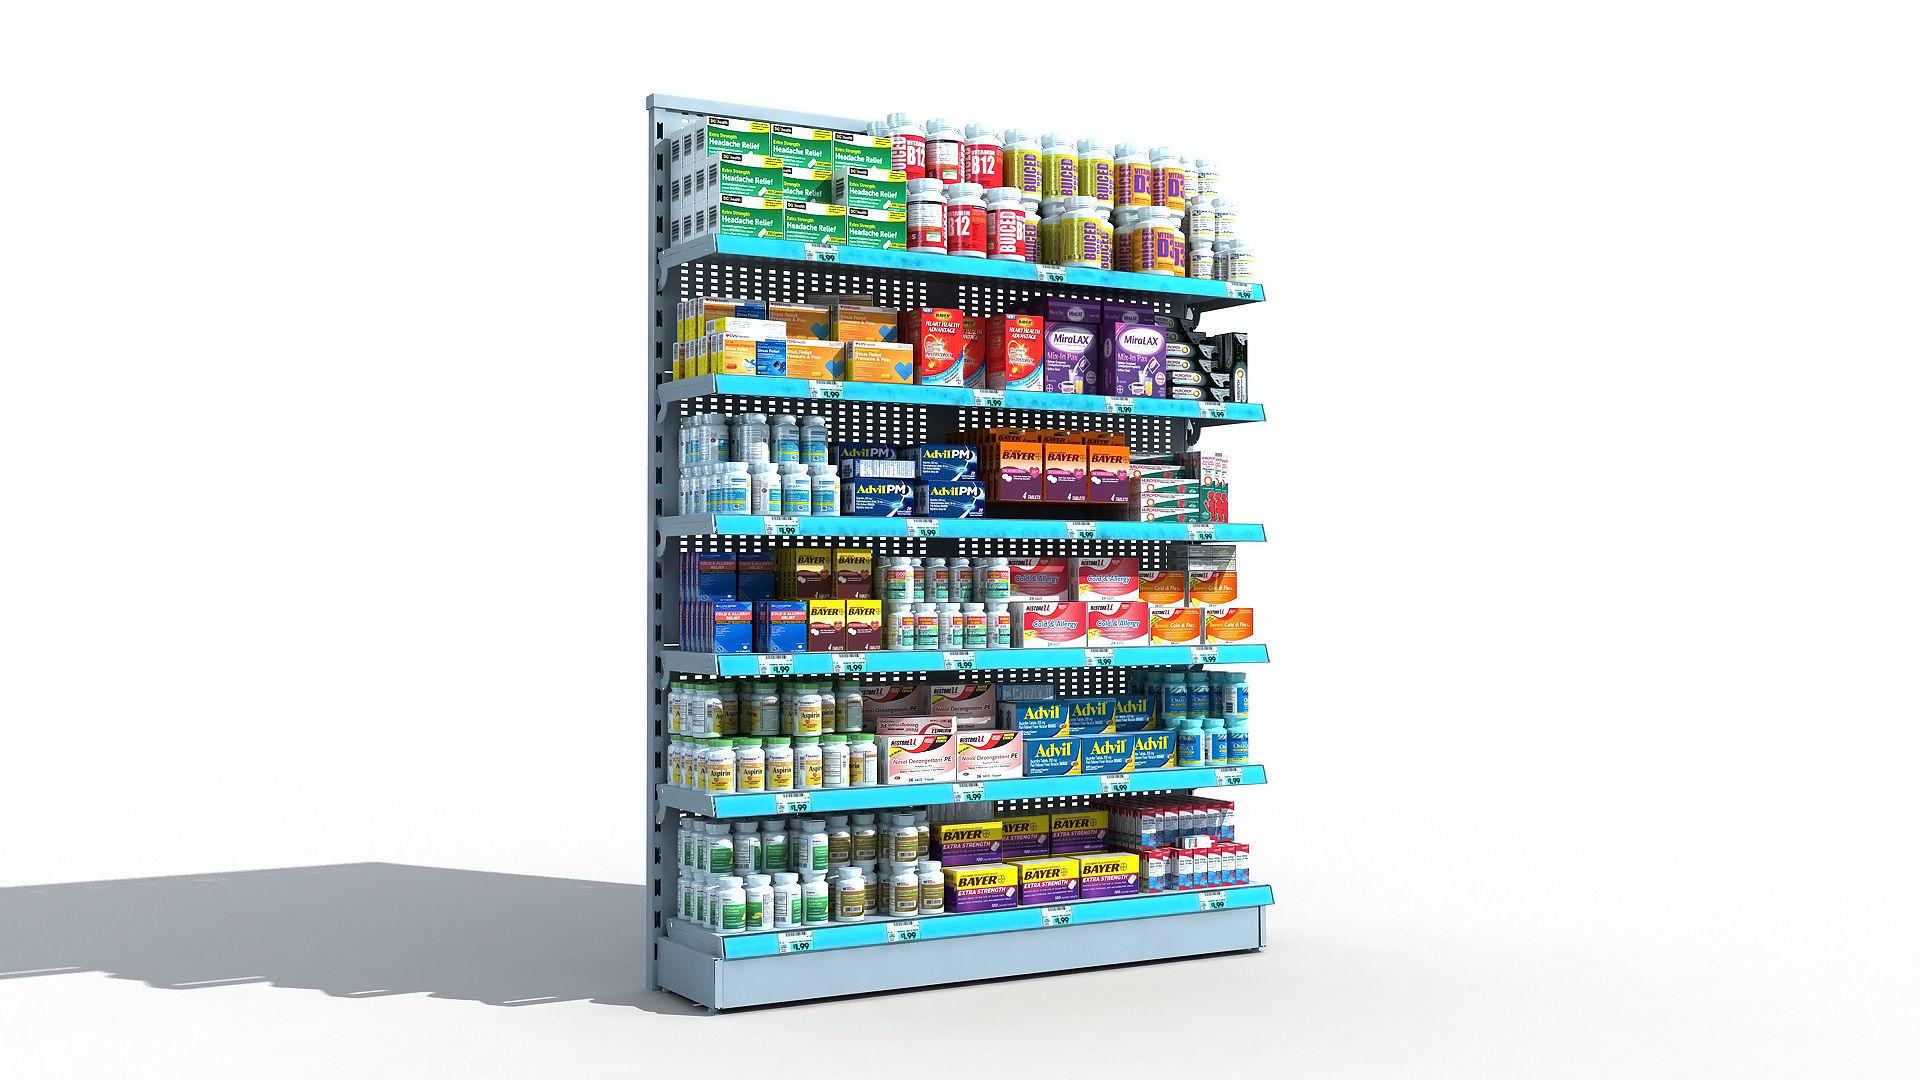 Drugstore Pharmacy Shelf